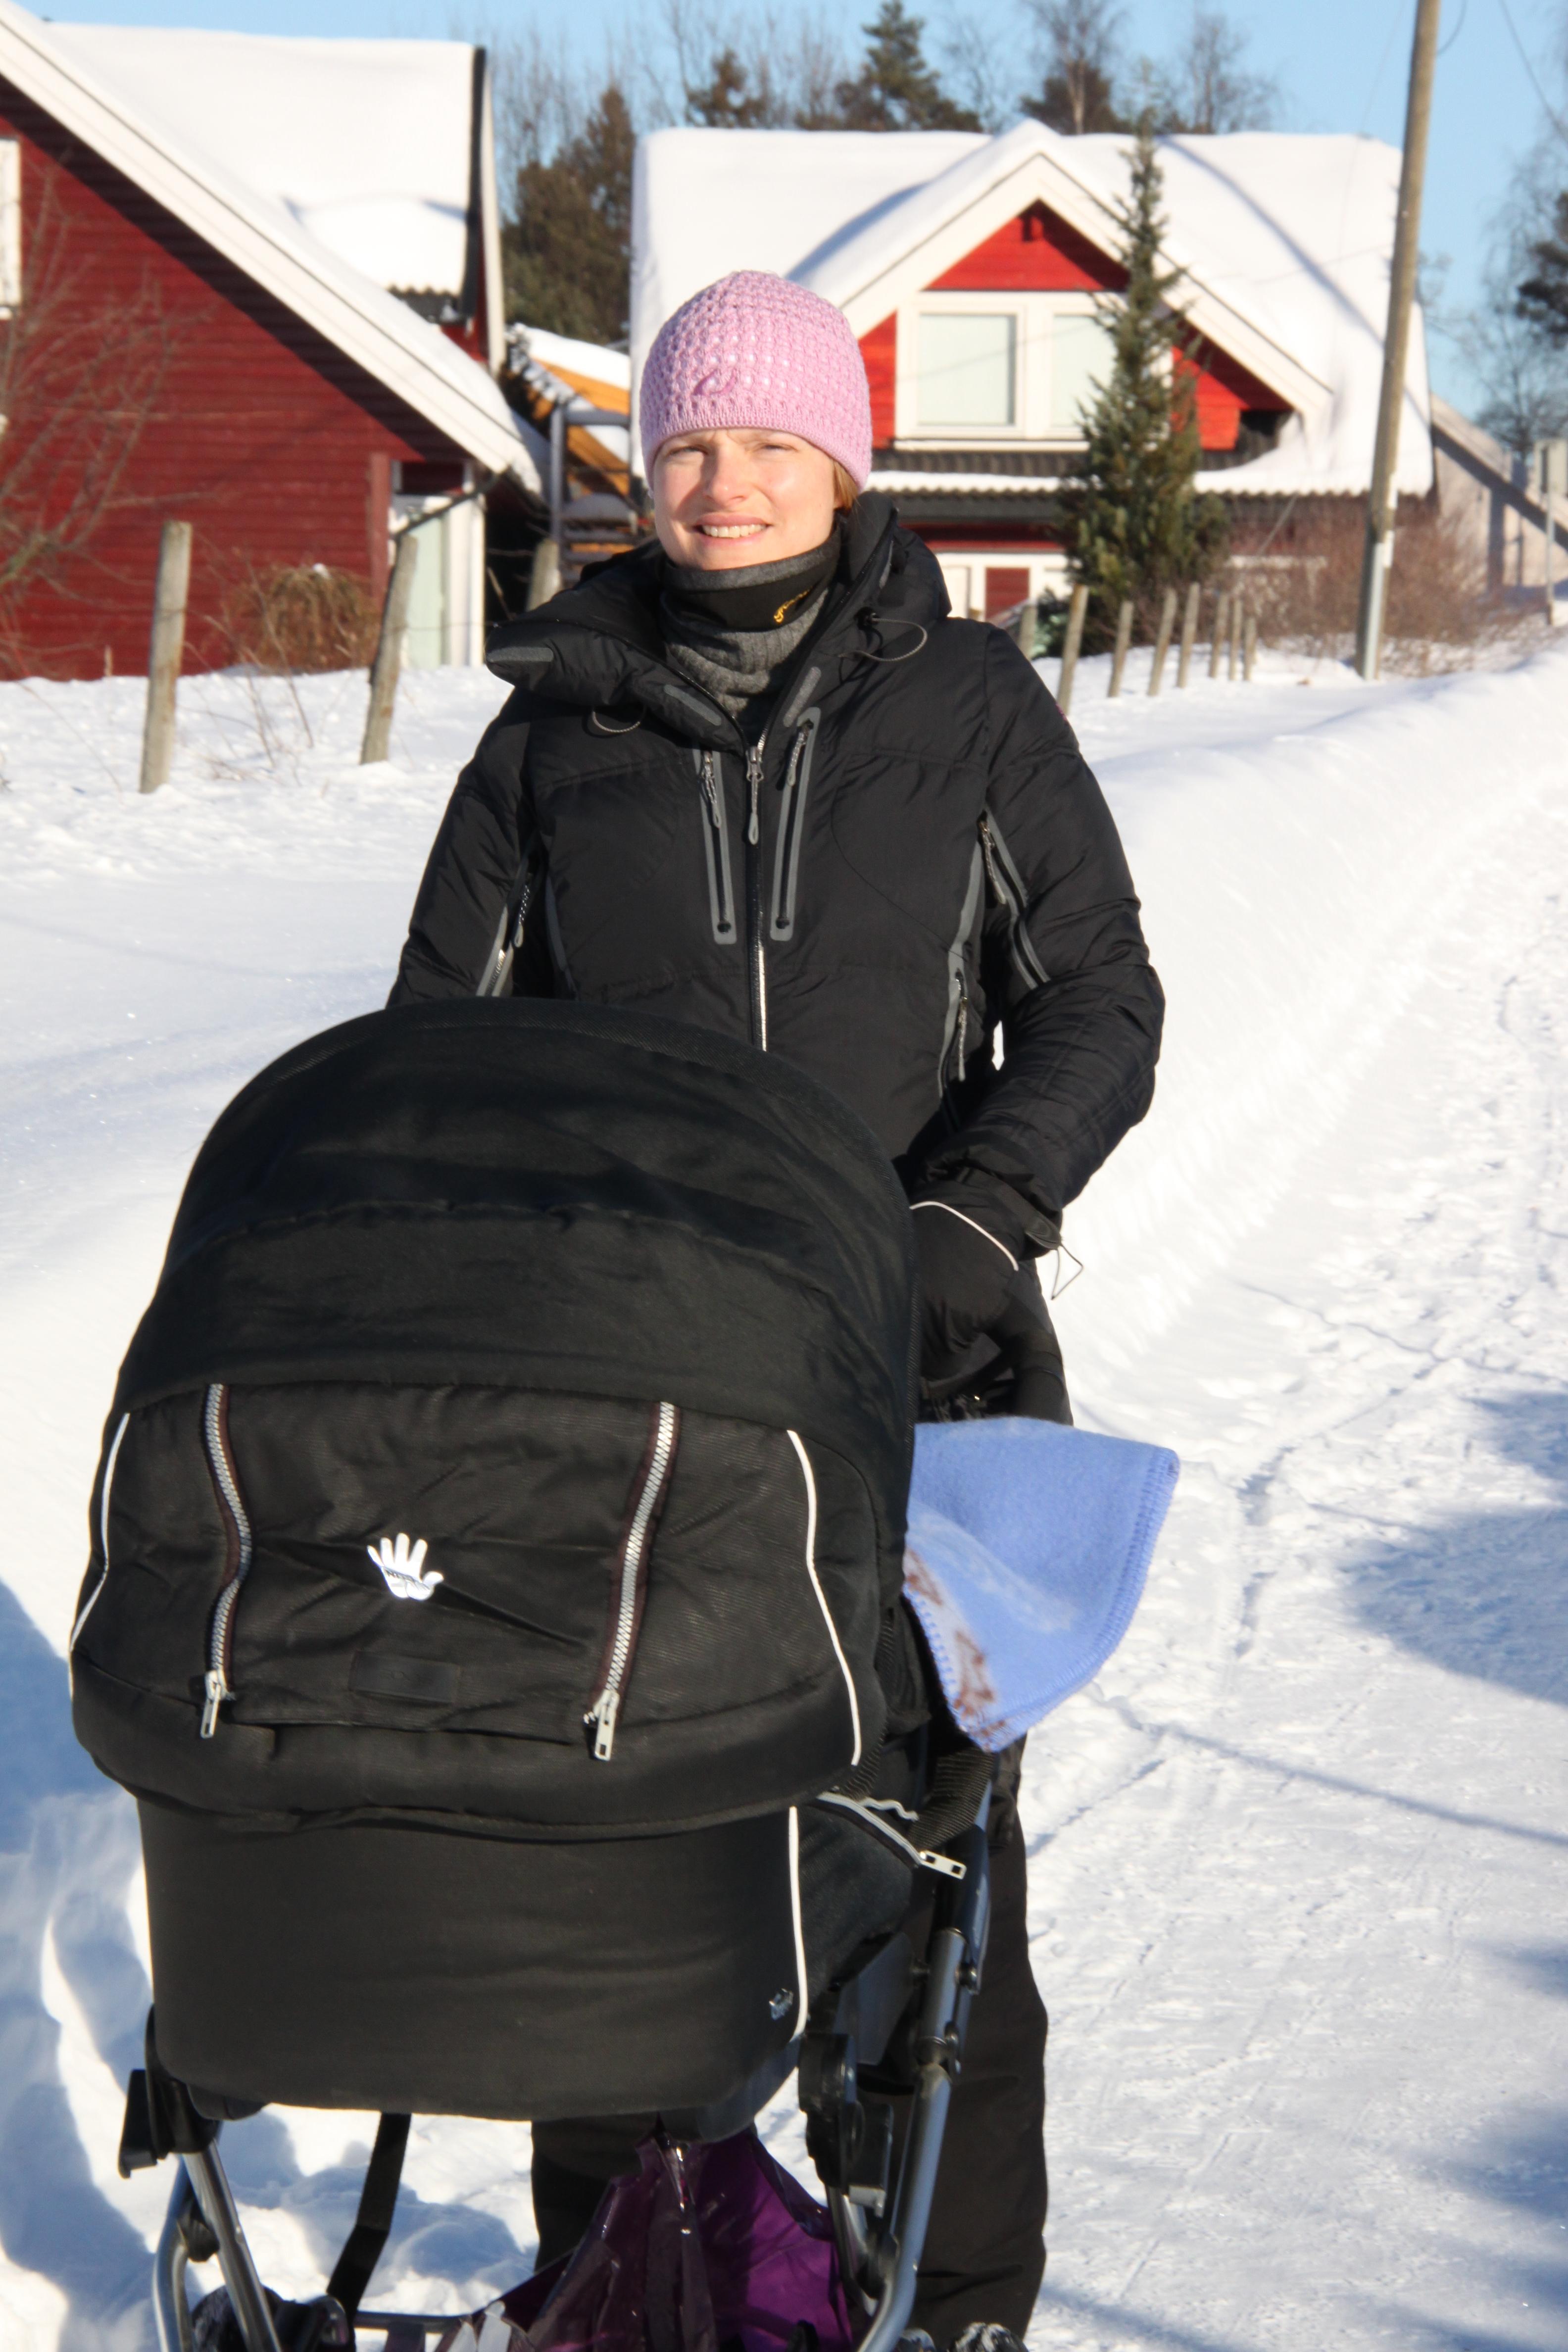 norske eskorter stikninger i magen gravid